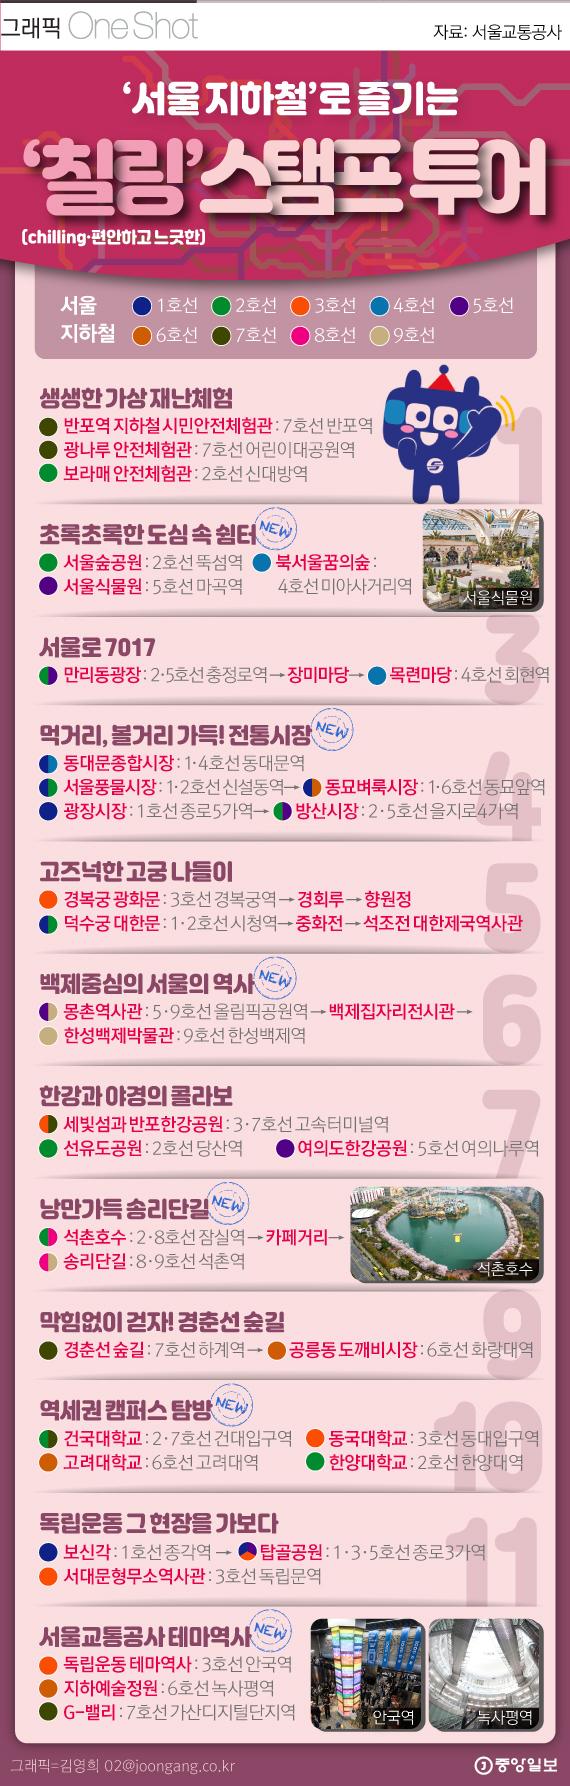 서울 지하철 스탬프 투어